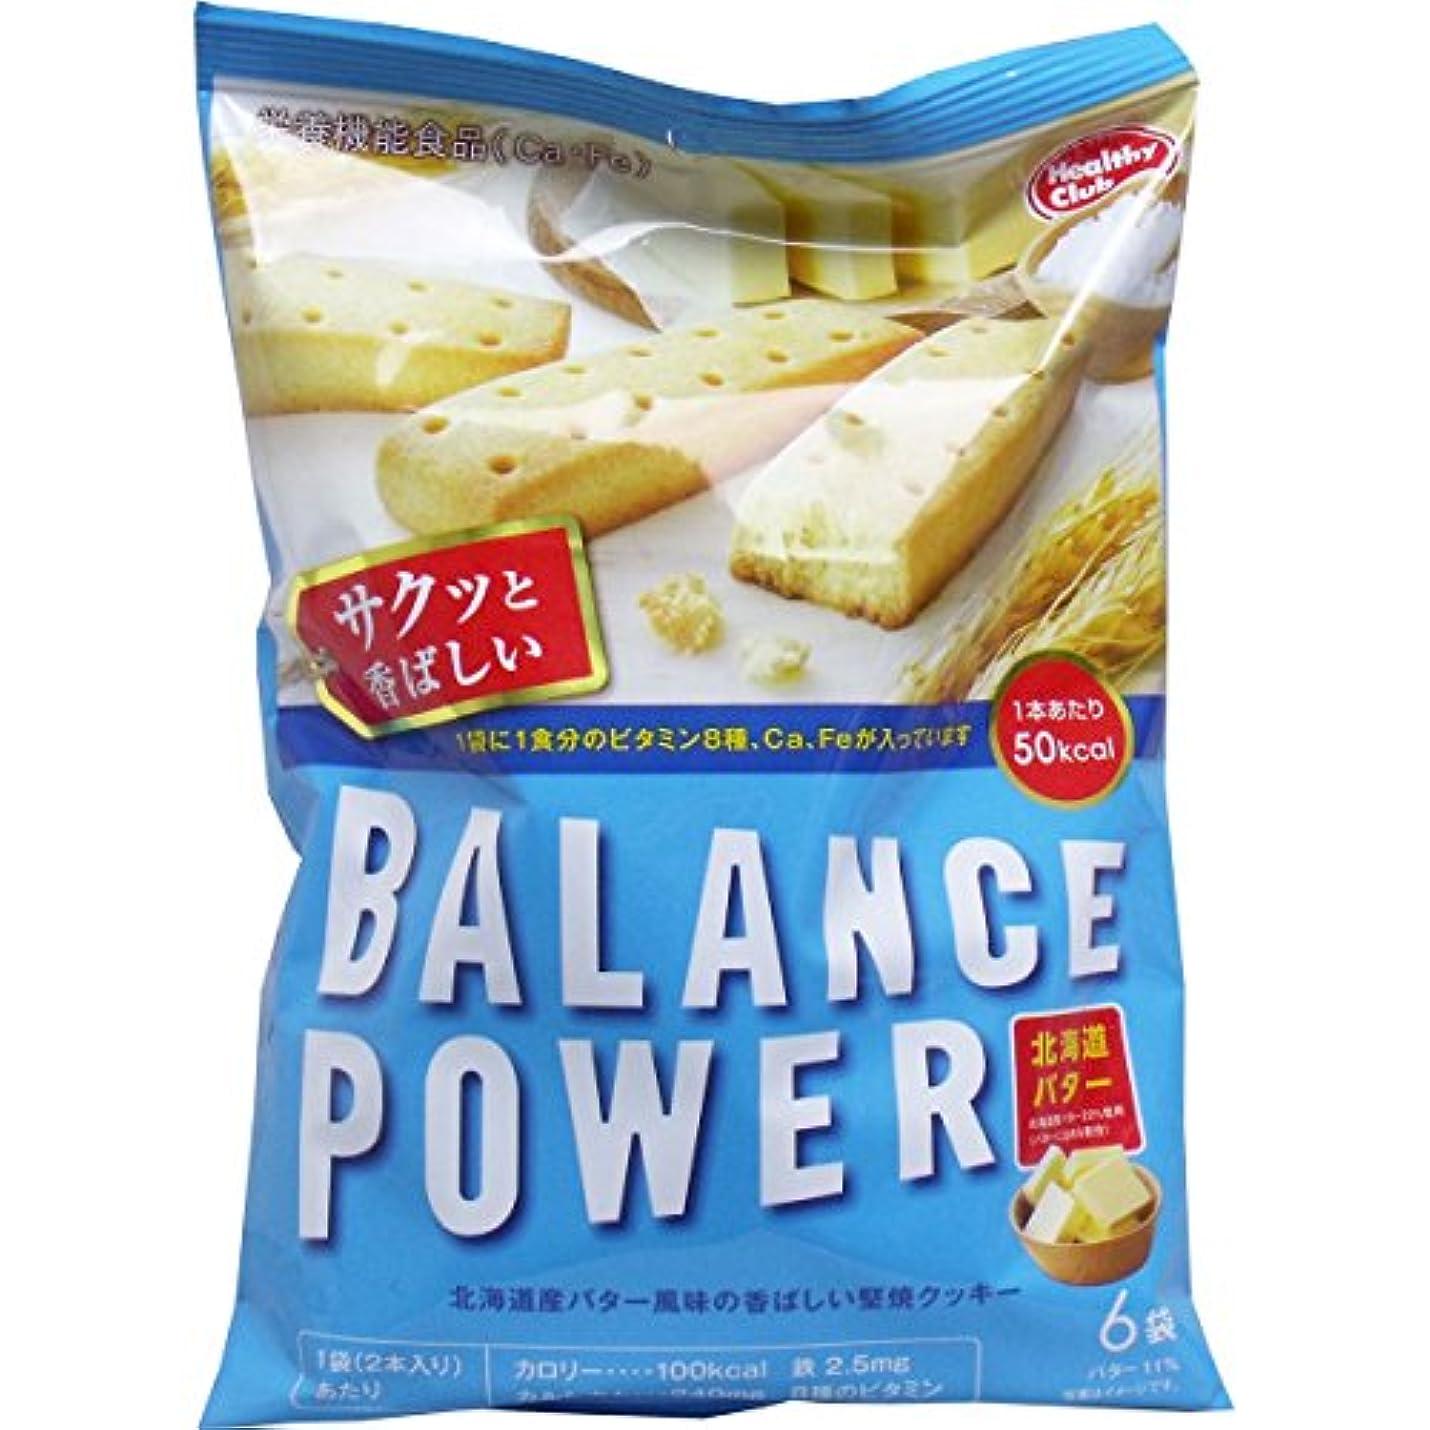 ペレット感じる伝えるバランスパワー 北海道バター味 6袋(12本)入